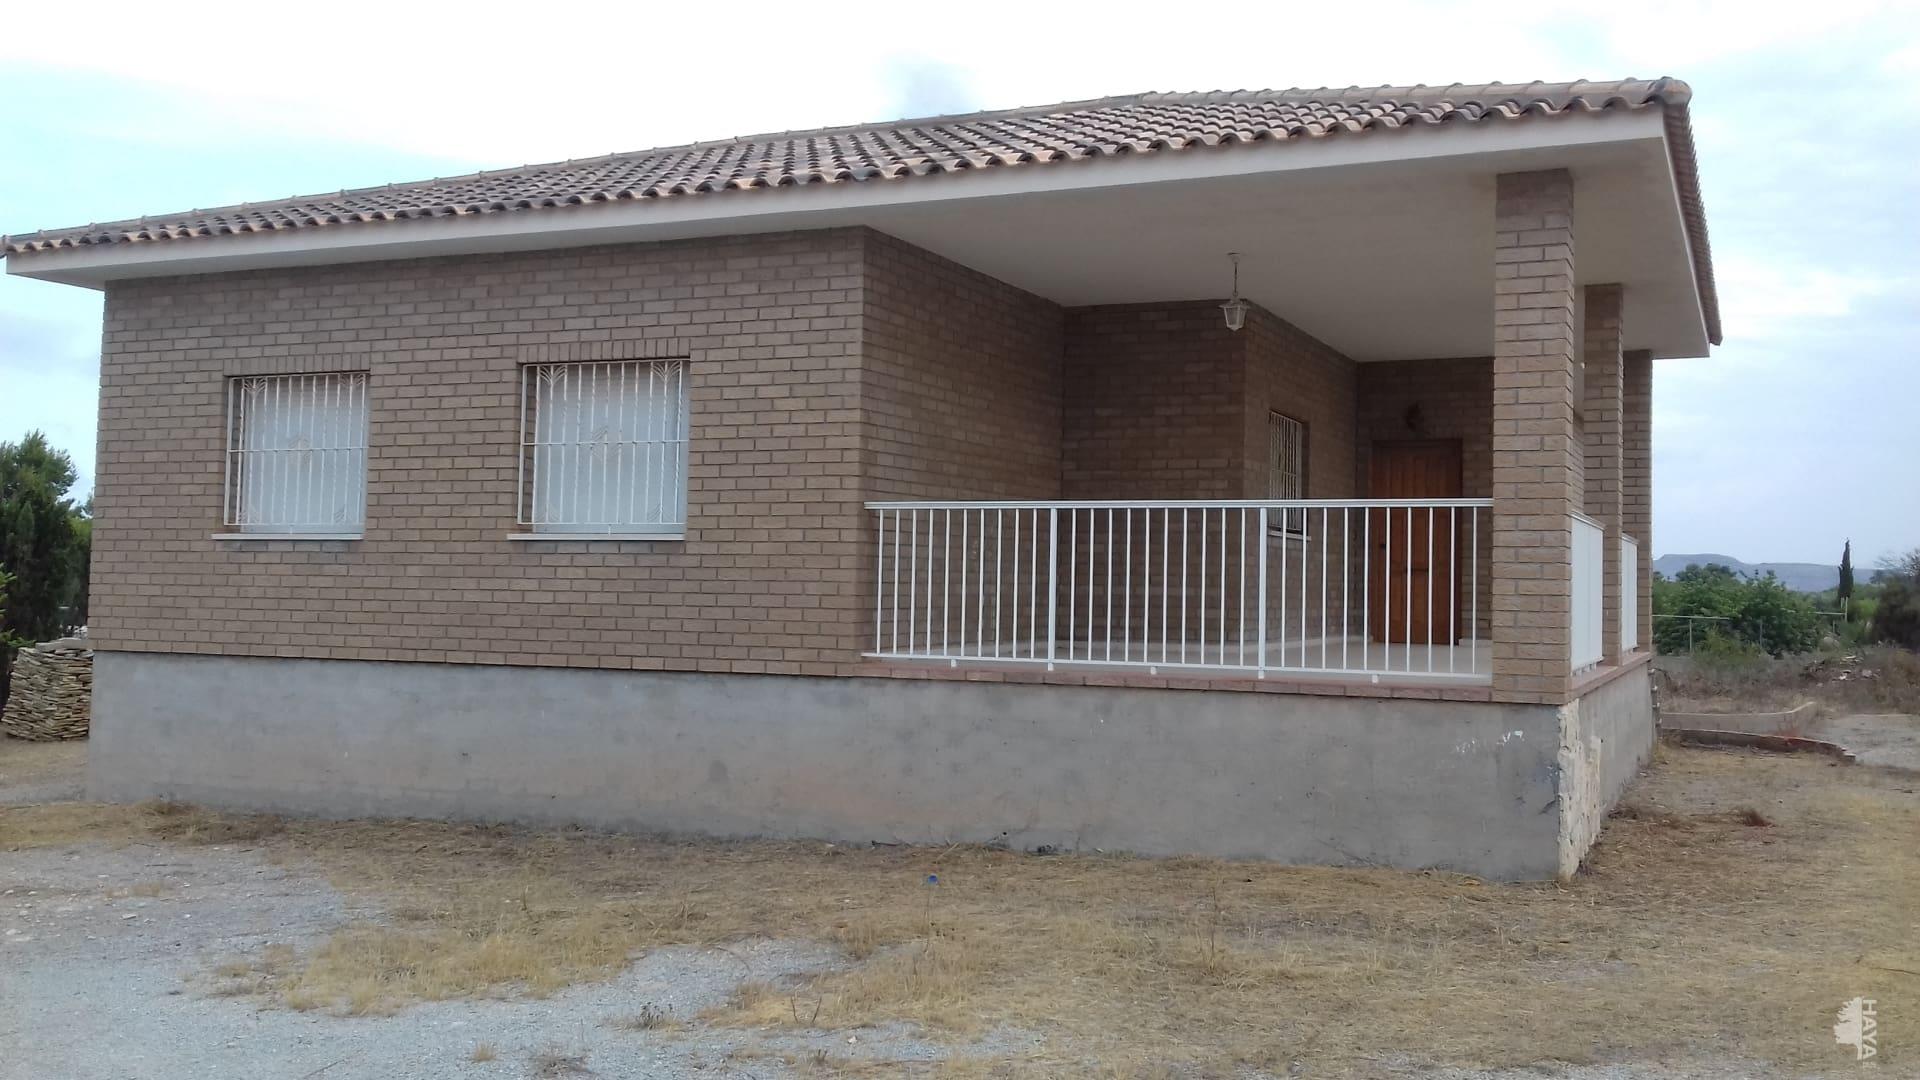 Casa en venta en San Vicente del Raspeig/sant Vicent del Raspeig, Alicante, Camino Advocat, 144.620 €, 2 habitaciones, 1 baño, 200 m2